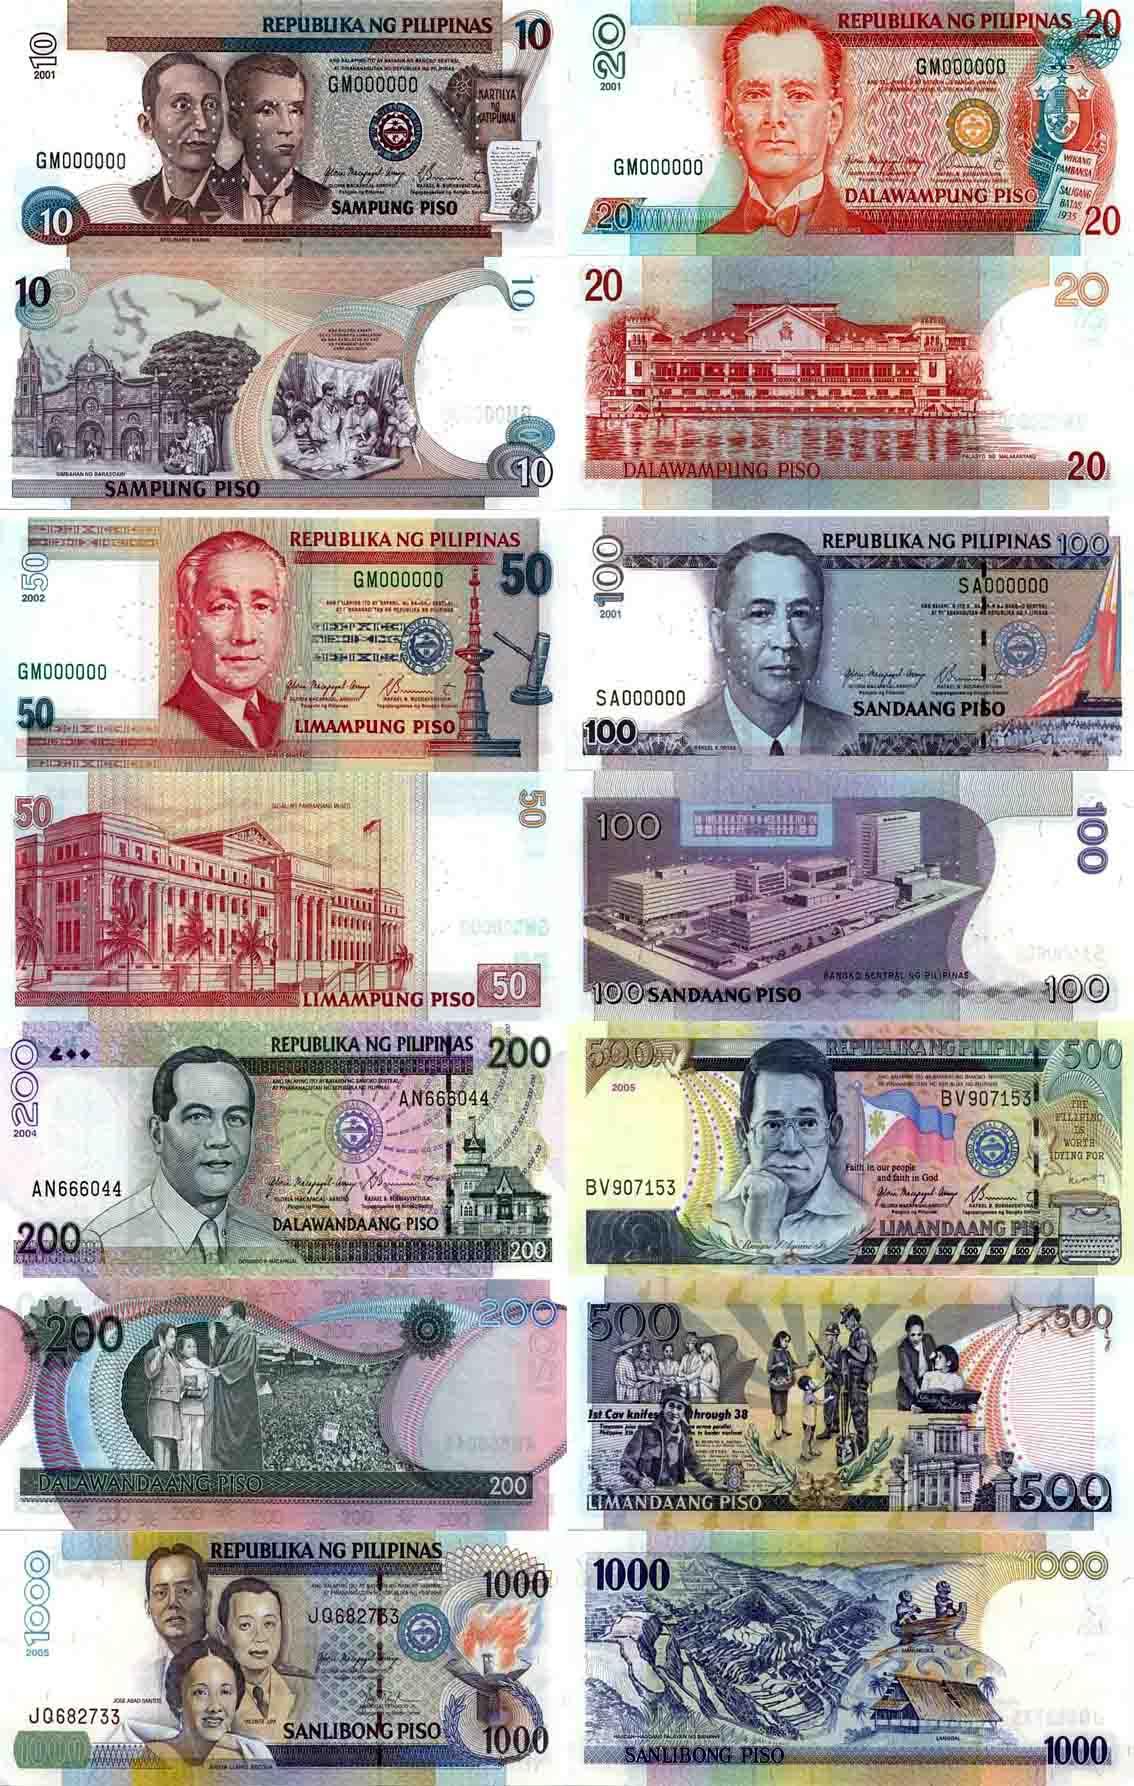 菲律宾货币-菲律宾比索图片